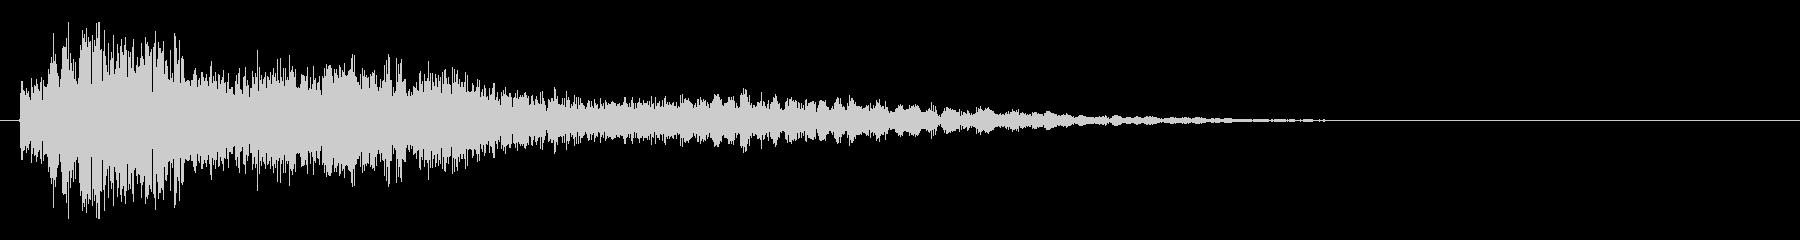 サスペンスピアノ音_19-2の未再生の波形